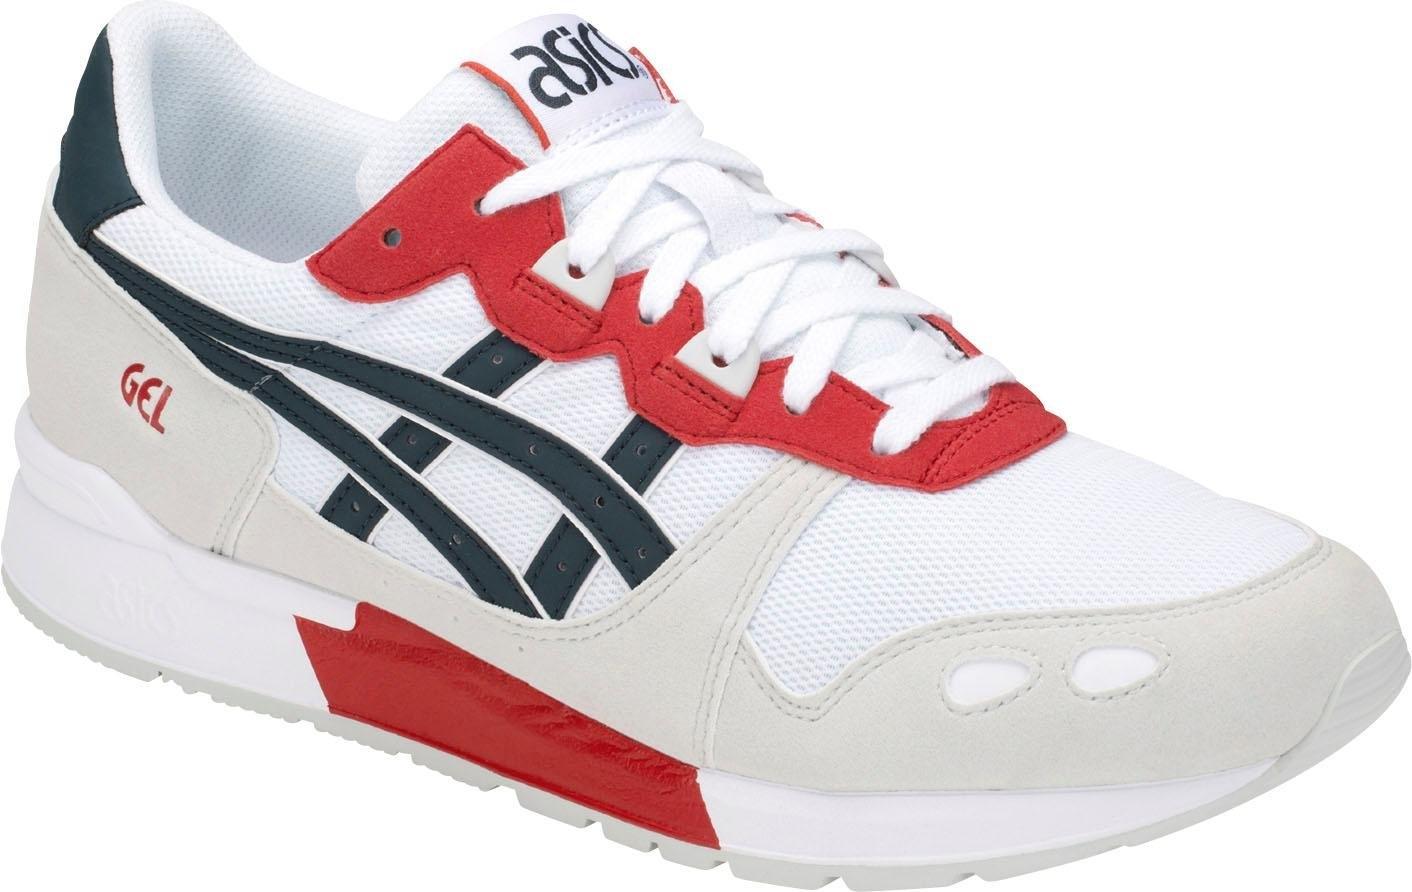 Sneakersgel Asics M Tiger Winkel Online lyte De In O8n0wkP